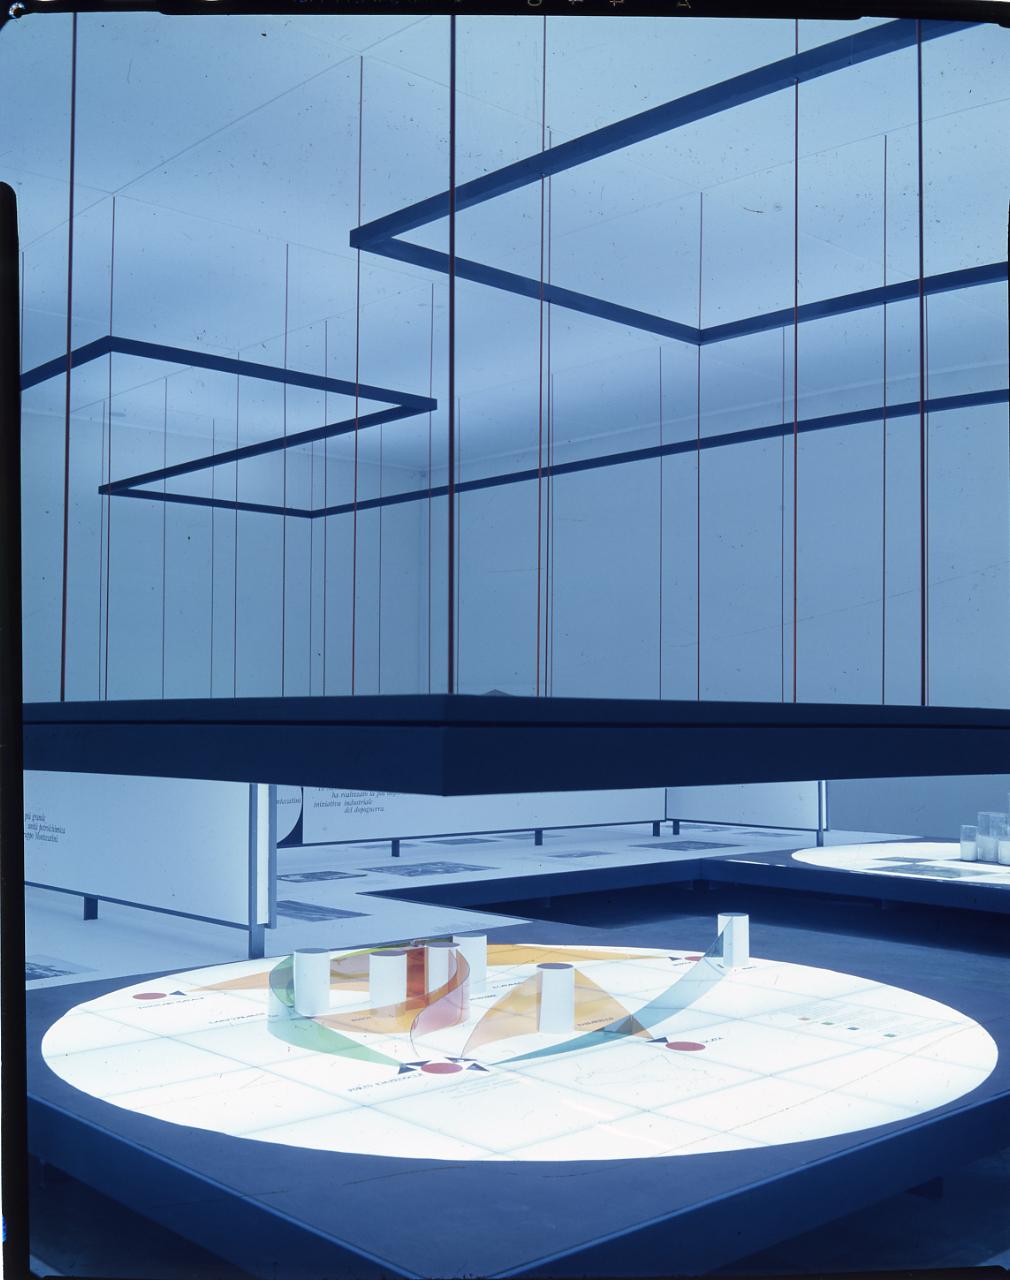 Arredamento d'interni interior design, progettazione del punto vendita, furniture design, progettazione degli spazi espositivi, progettazione degli spazi abitativi, hospitality design. Architettura D Interni Wikipedia